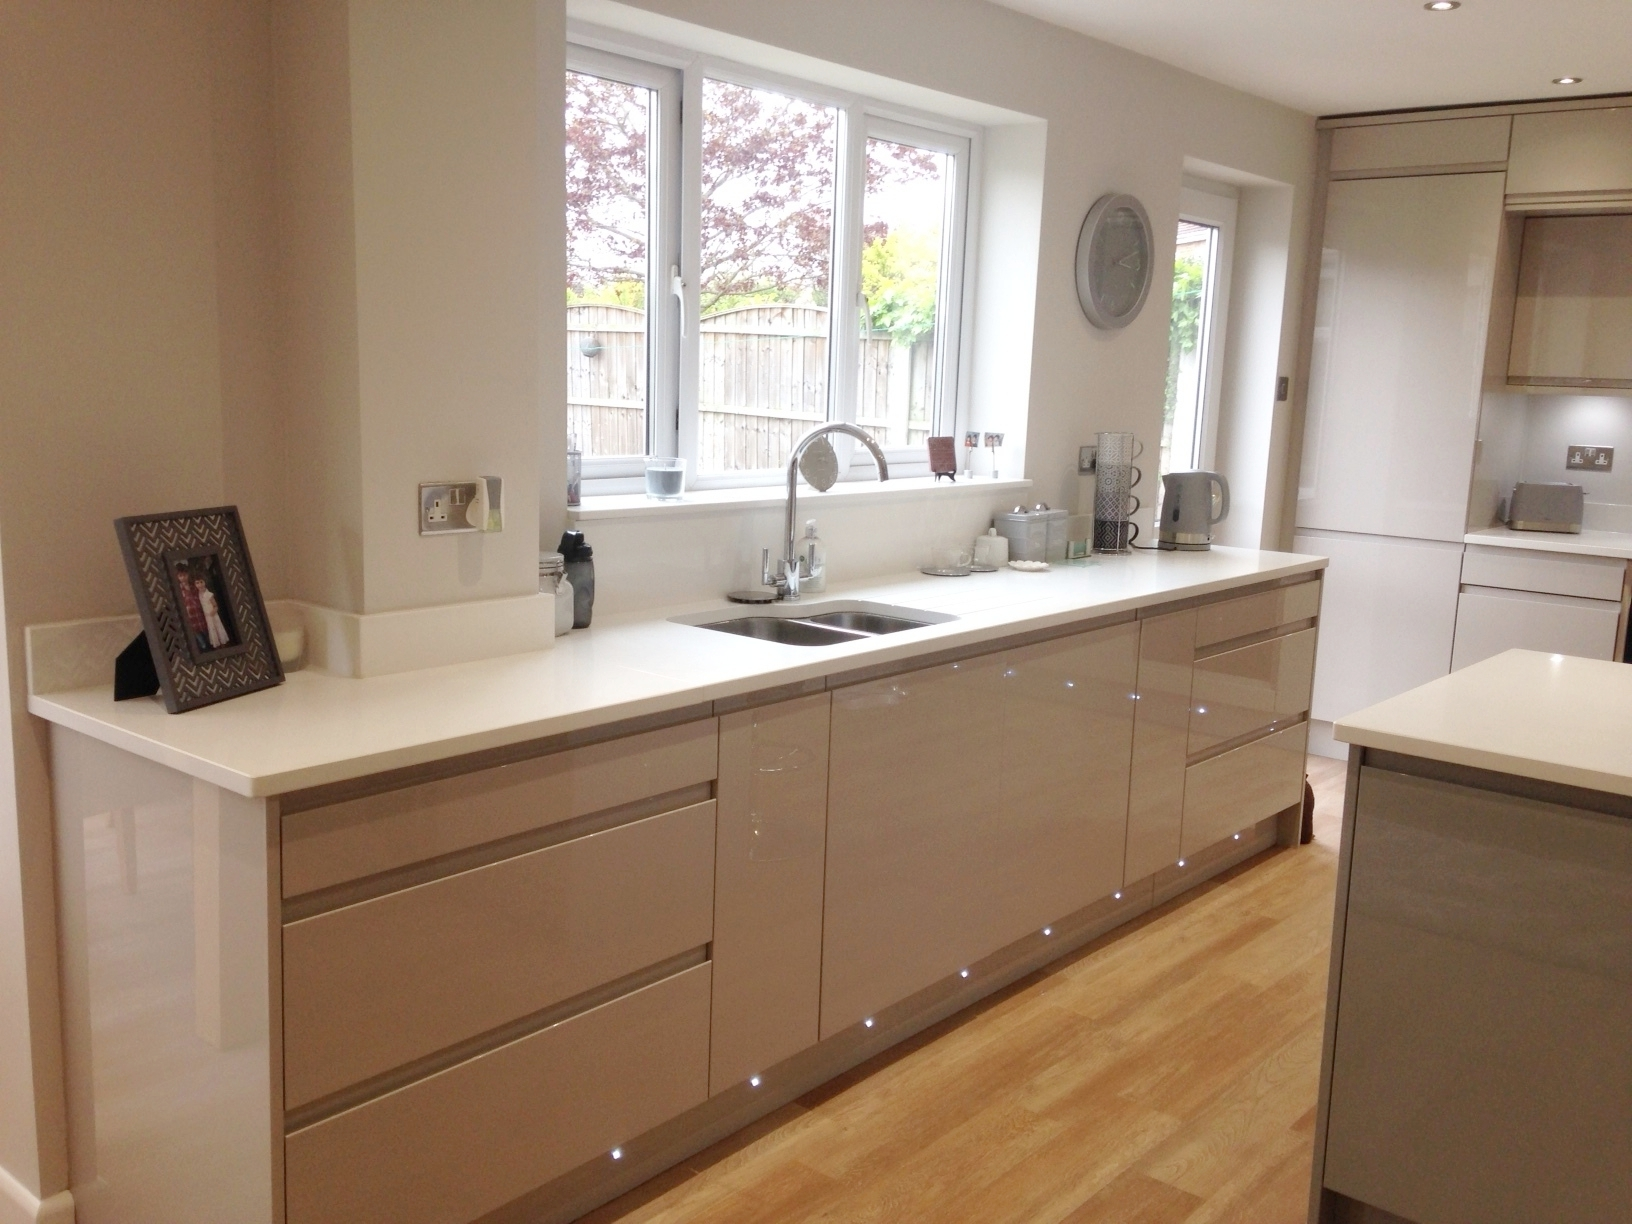 kitchen 18 3.JPG